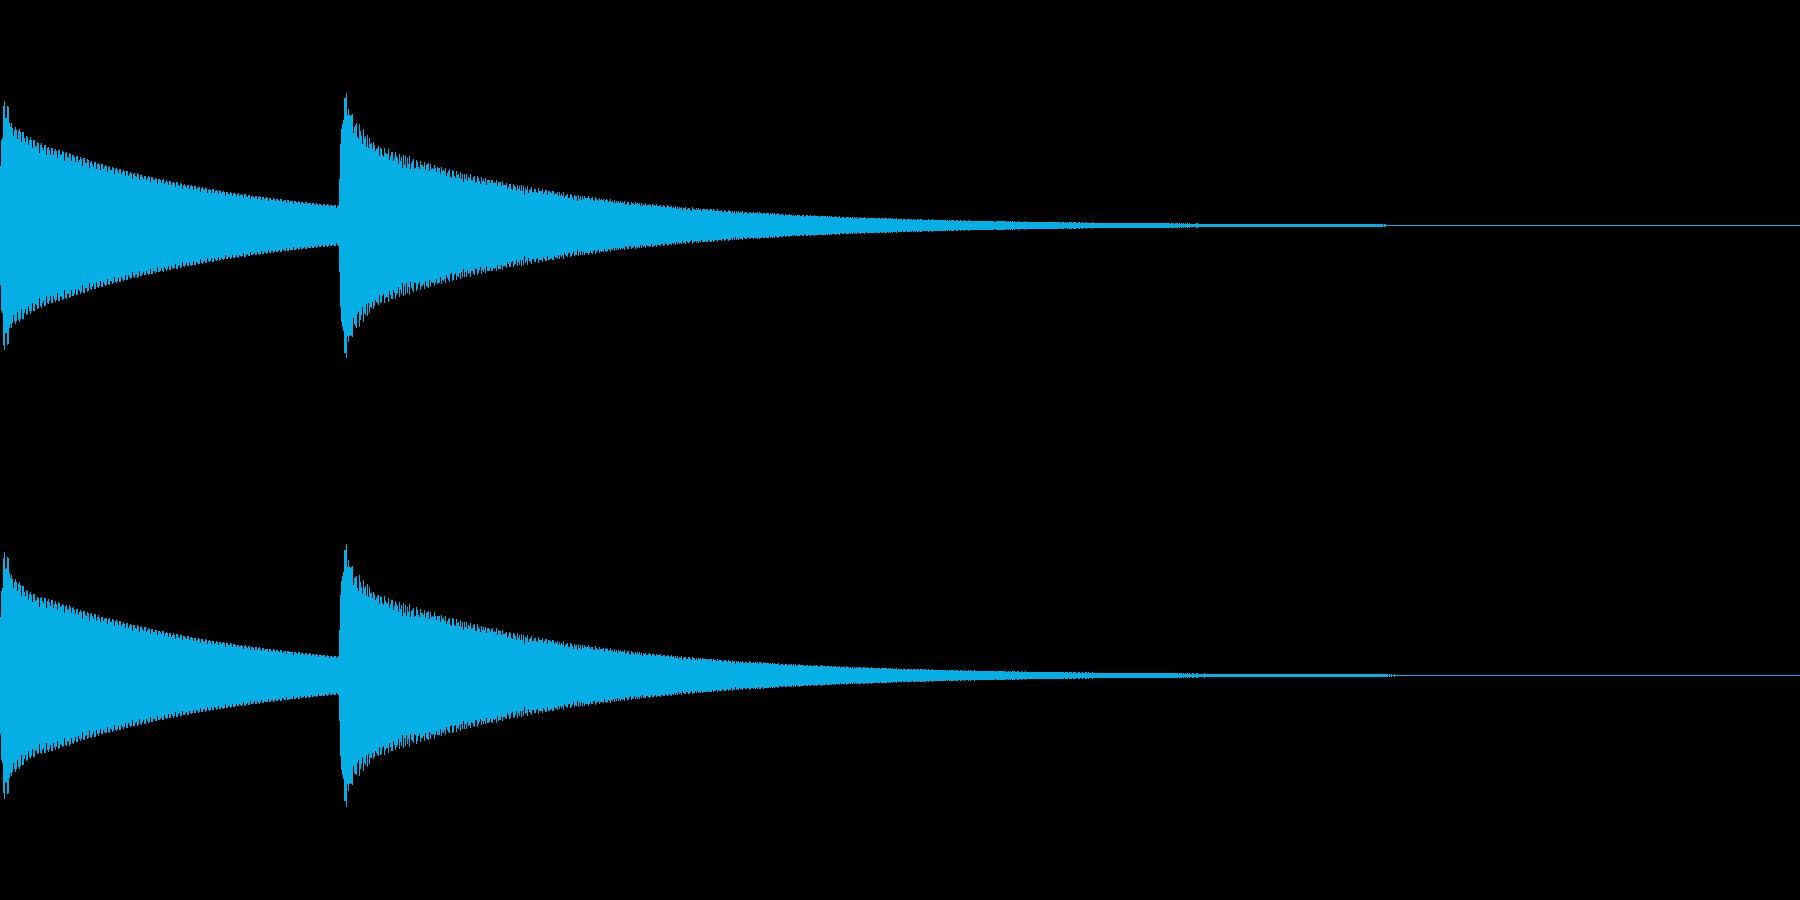 [インターホン]の再生済みの波形